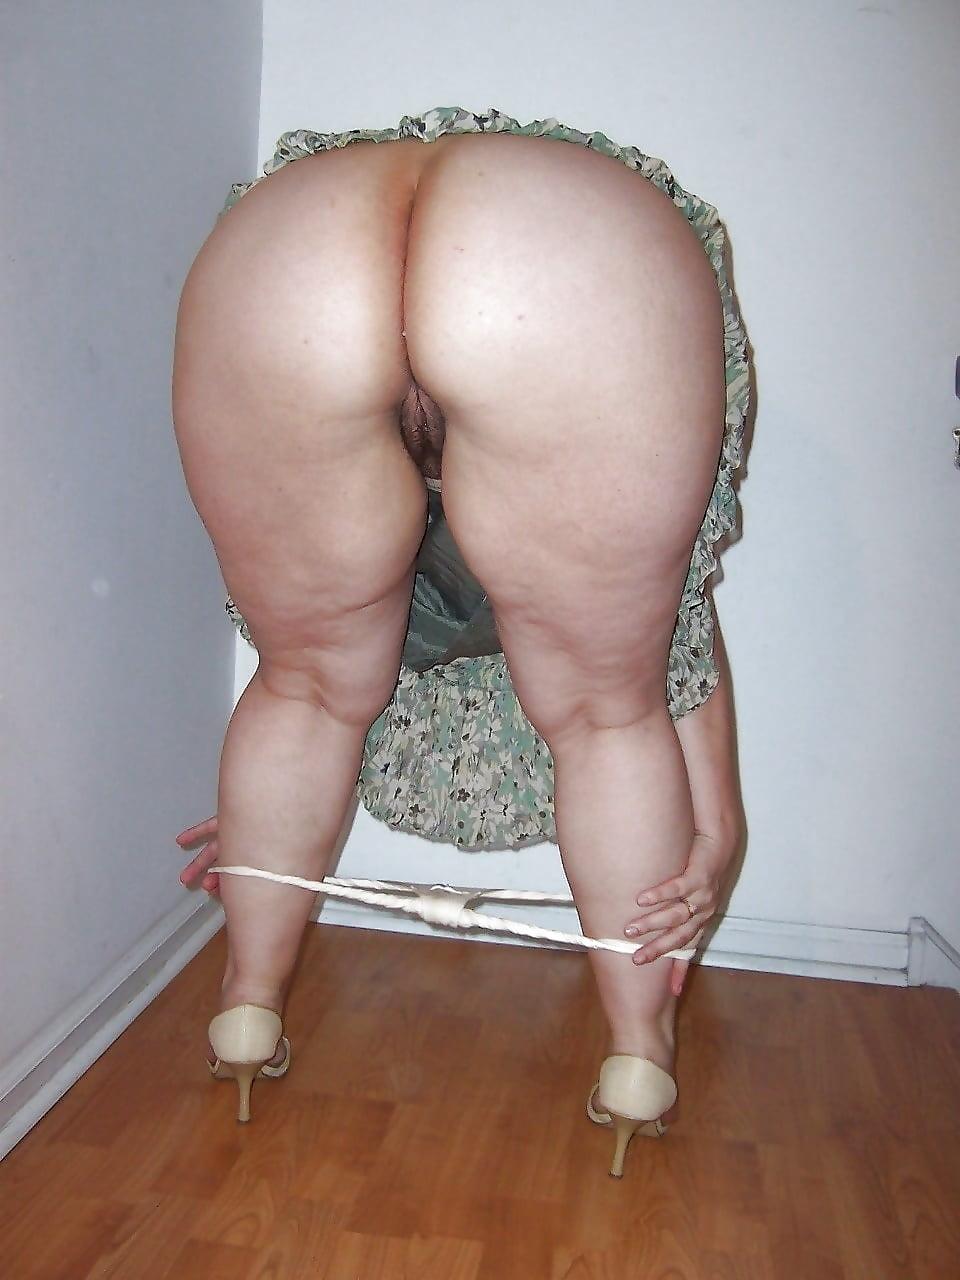 фото порно зрелые толстые жопы - 1